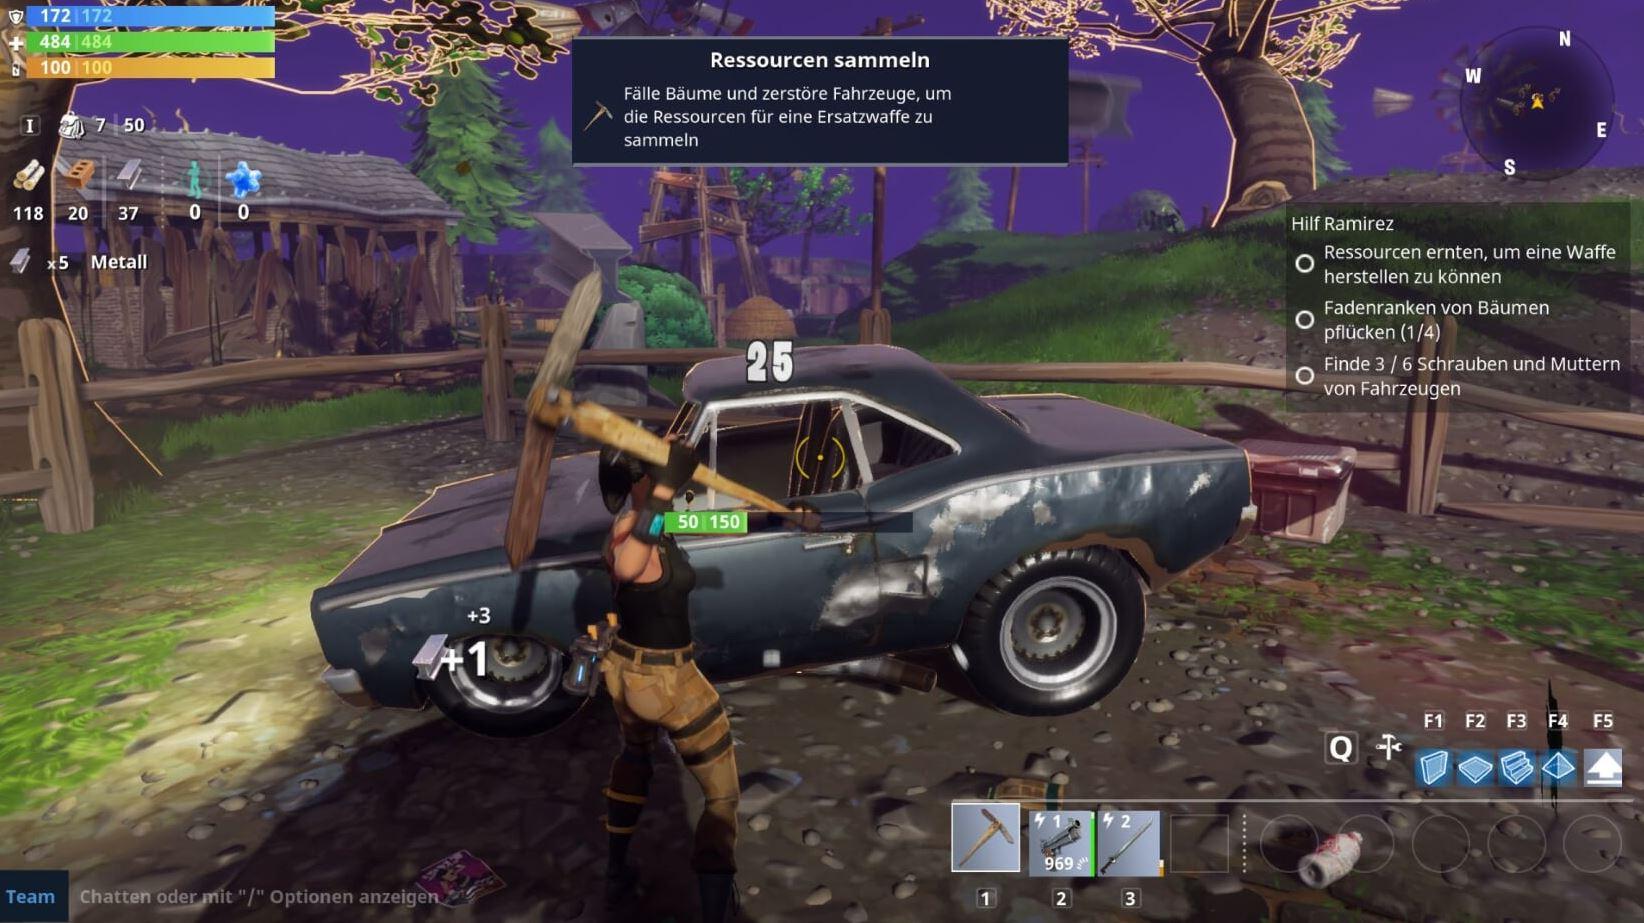 Zombie Car Games >> Die 9 besten Multiplayer-Survival-Games auf dem Markt - im Jahr 2017